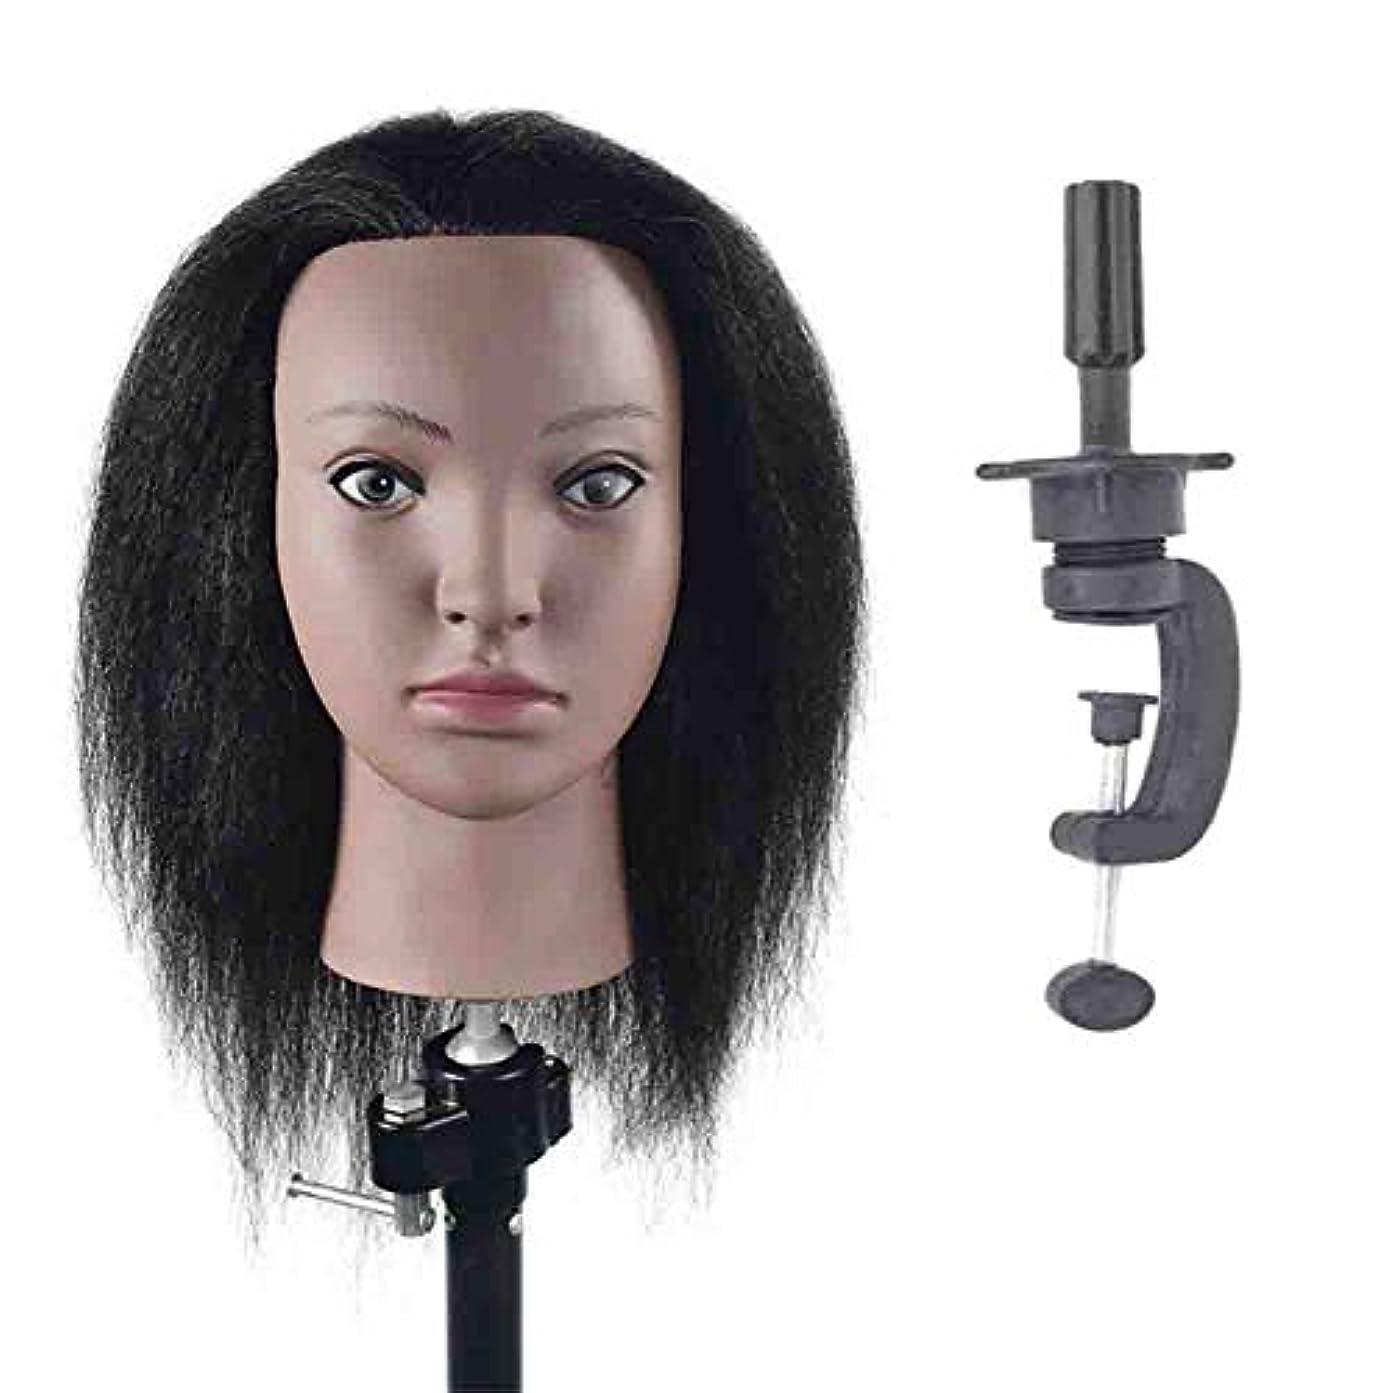 最大しなやか花嫁練習ディスク髪編組ヘアモデル理髪店スクールティーチングヘッドロングかつら美容マネキンヘッド